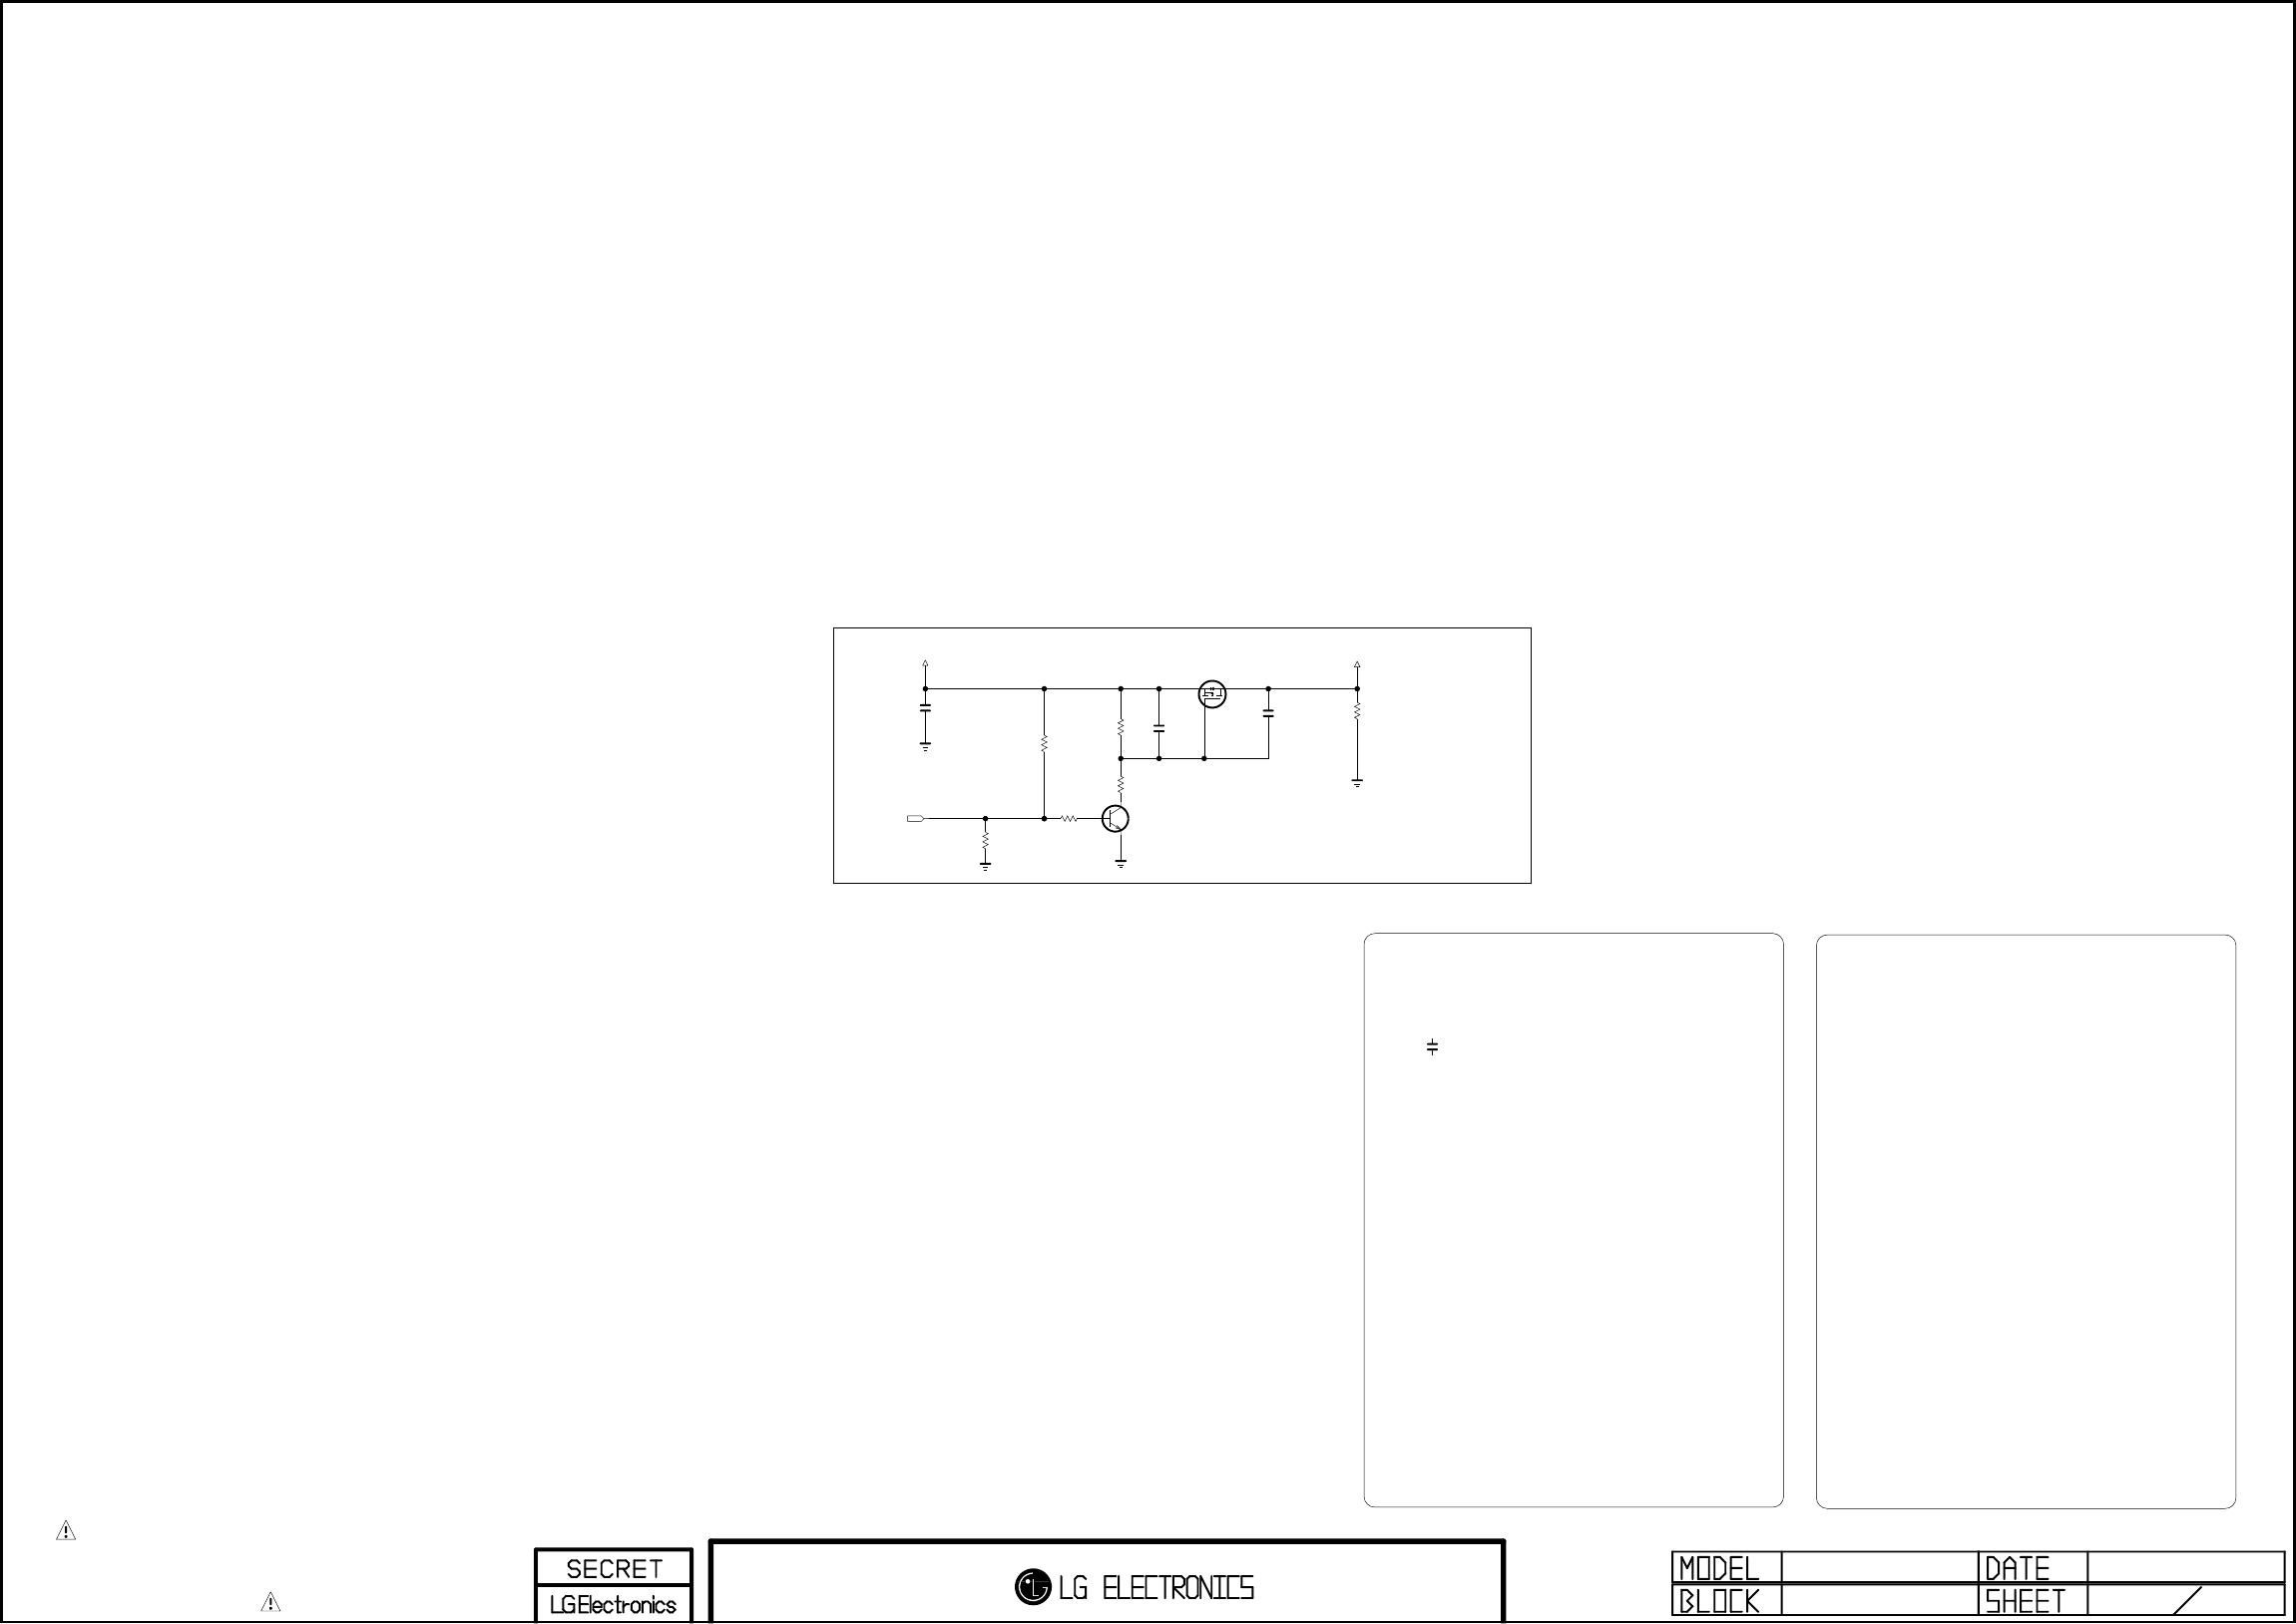 Lg Electronics 42lm660s 660t Za 42lm669s 669s 669t Zc T Con Board Block Diagram The Symbol Mark Of This Schemetic Incorporates